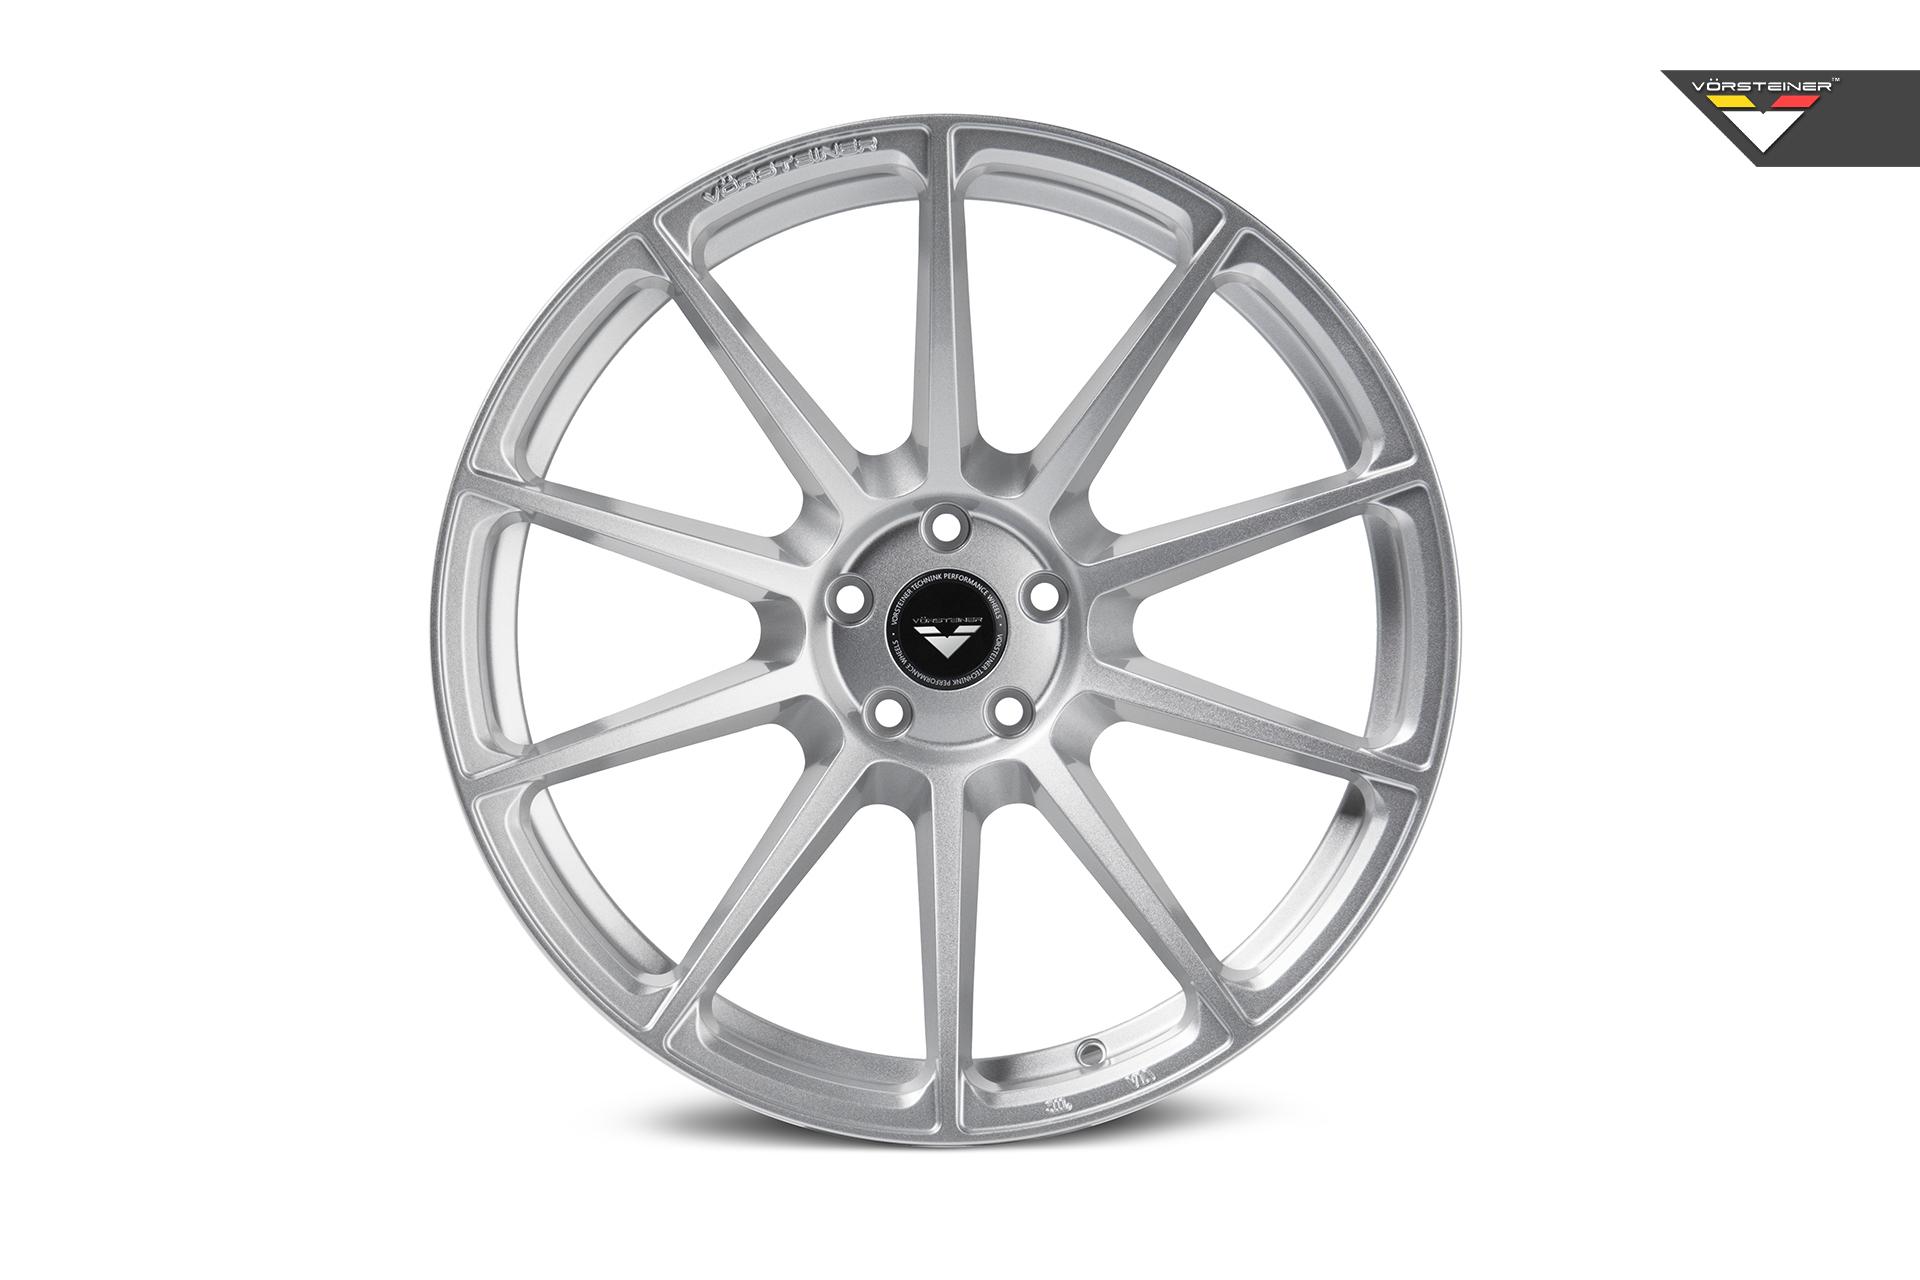 Vorsteiner Introduces All New Flow Forged Wheel Program